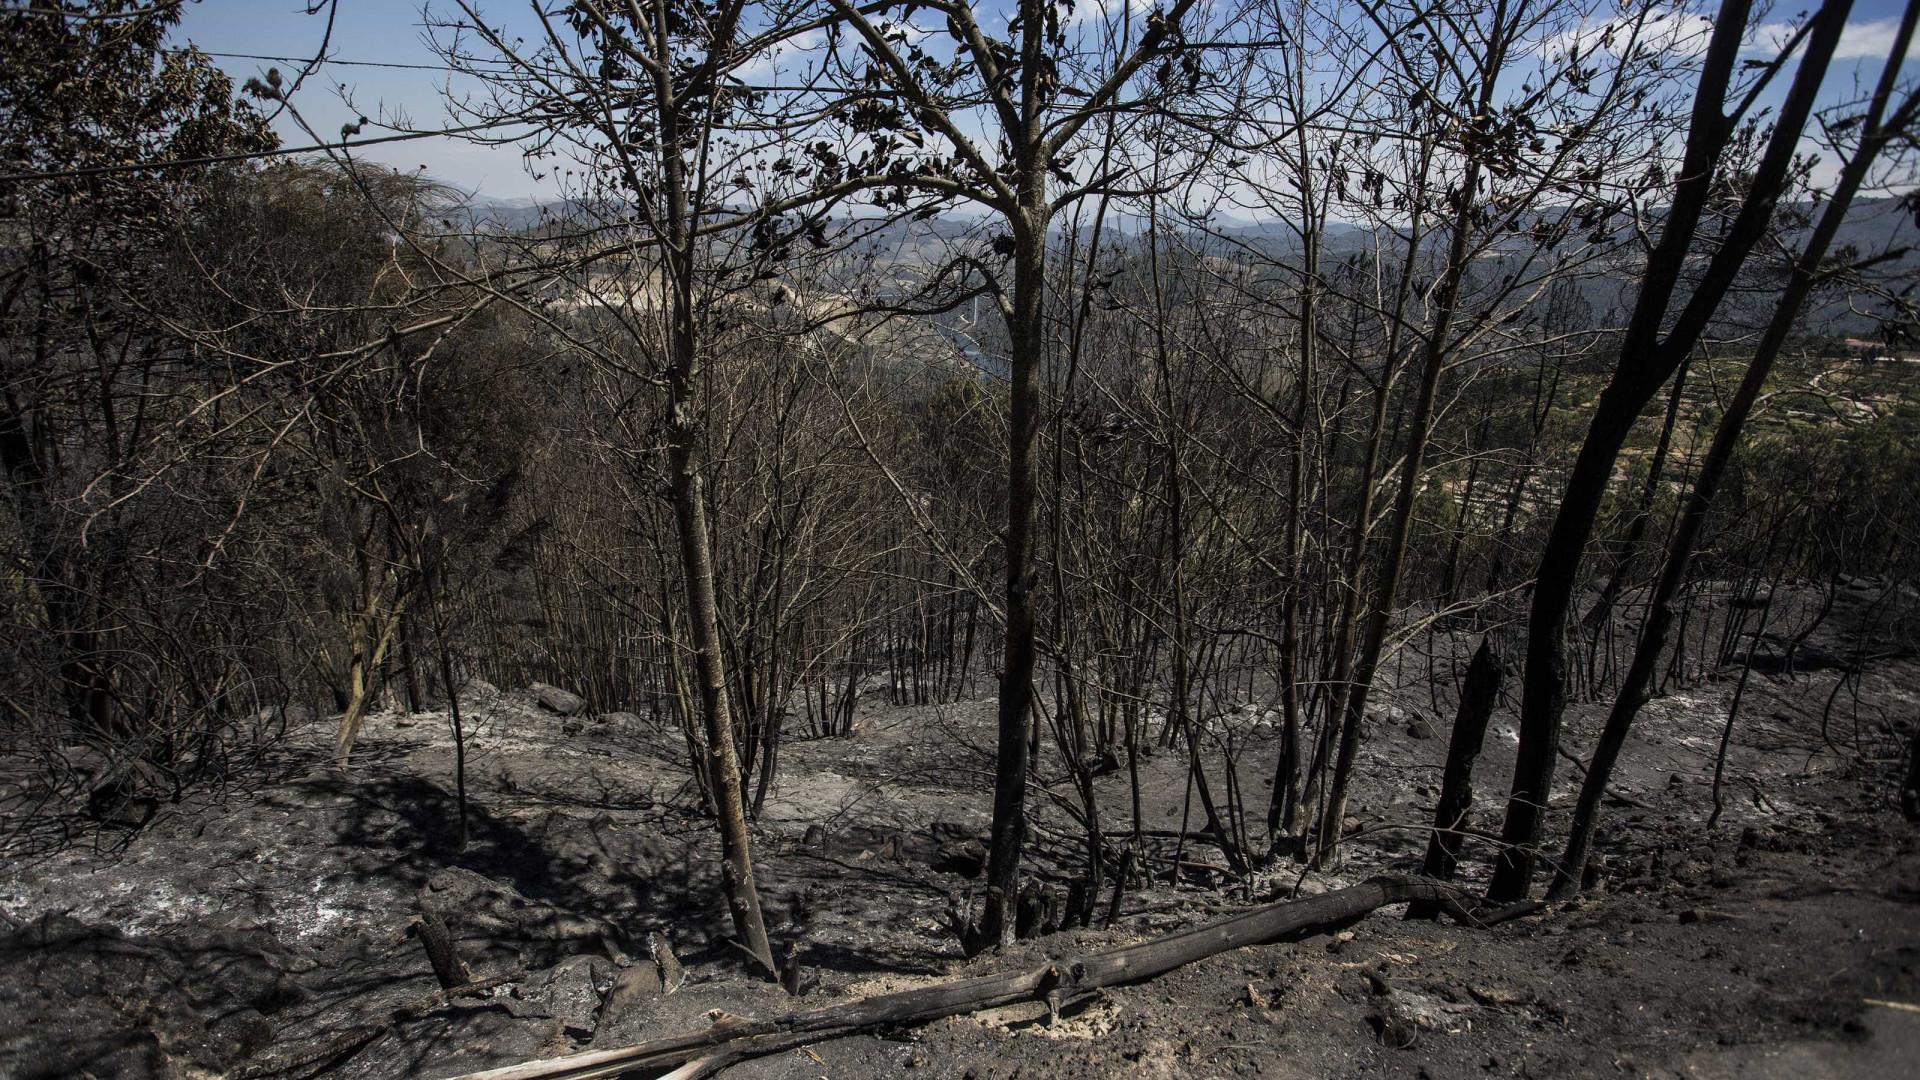 PJ deteve suspeito de atear fogo florestal em Sabrosa, Vila Real